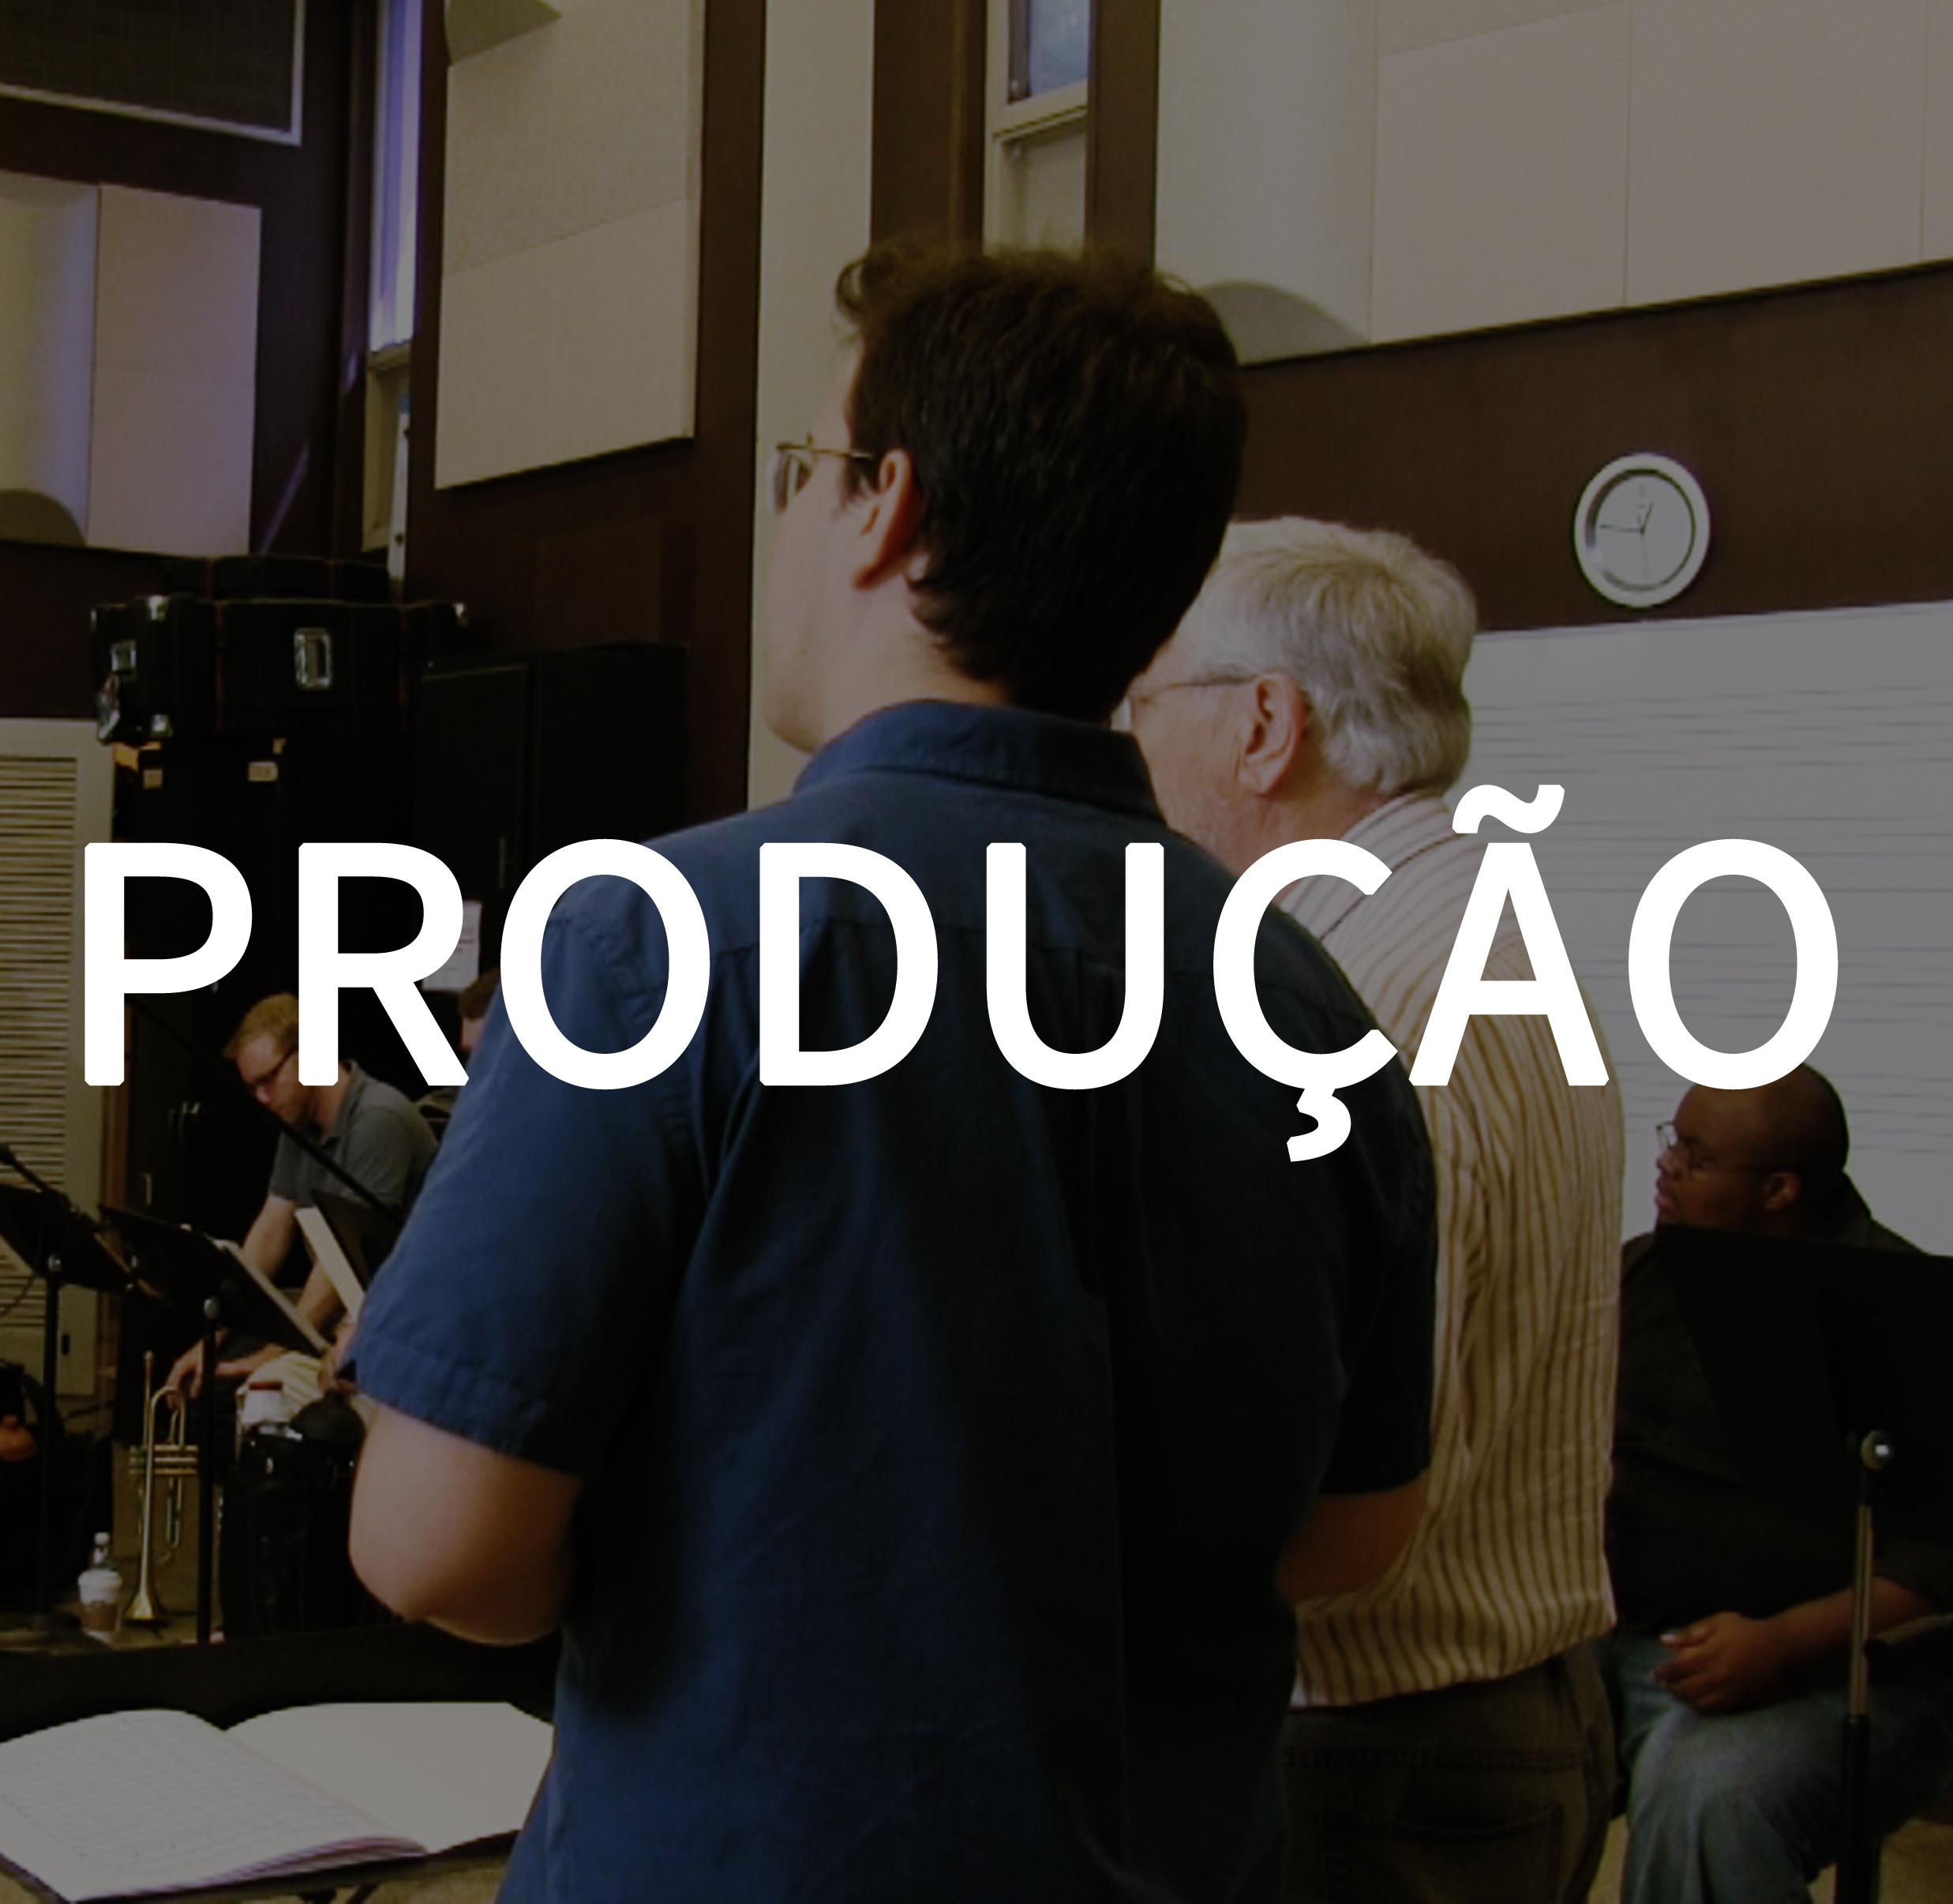 producing botao.jpg